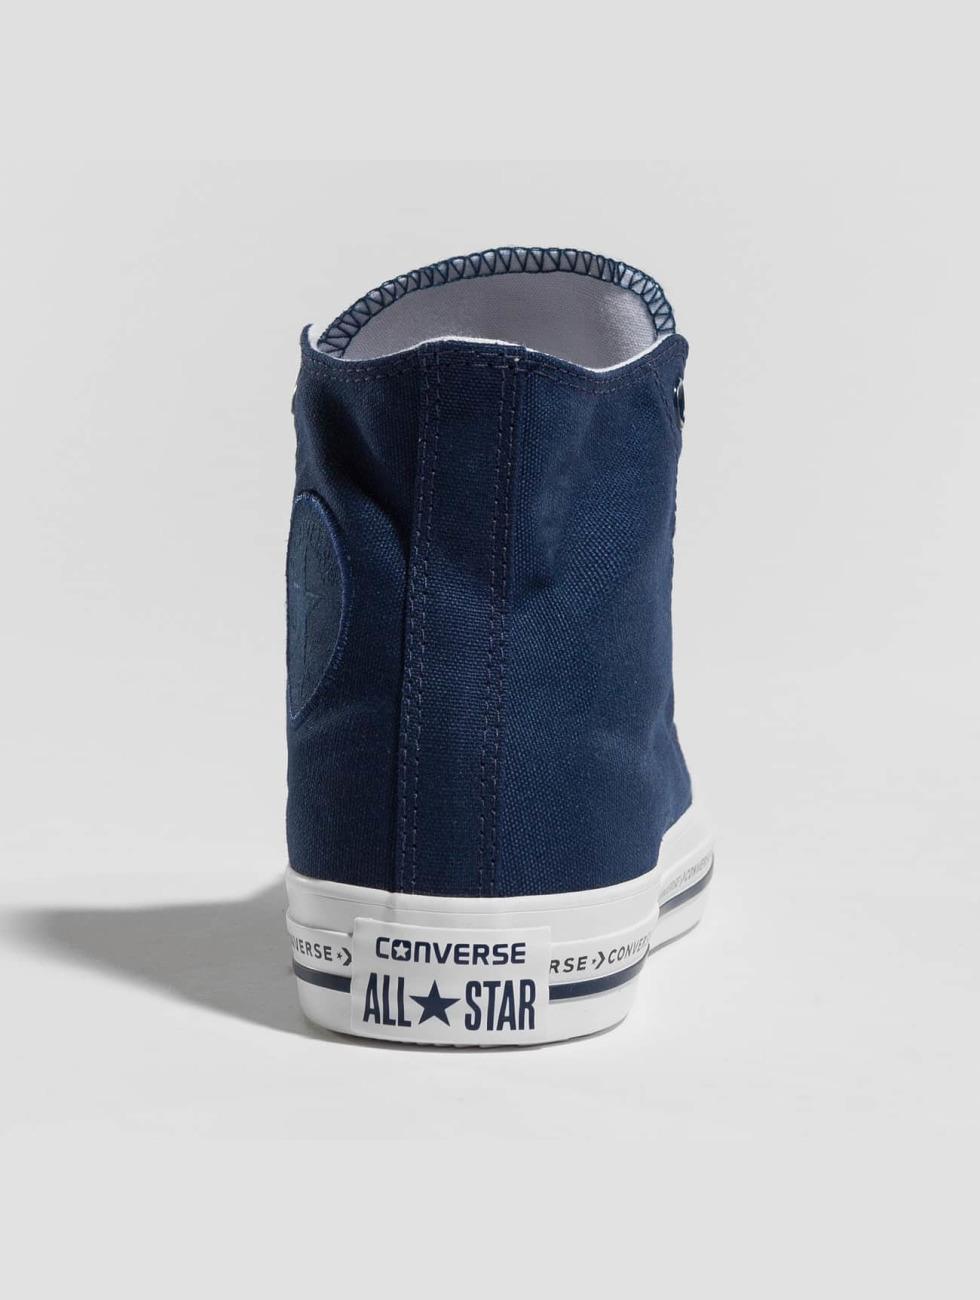 Converse Sko / Sneaker Chuck Taylor All Star Hi I Blått 413 818 Billig Salg Lav Pris Utløp Real JKYTJEk